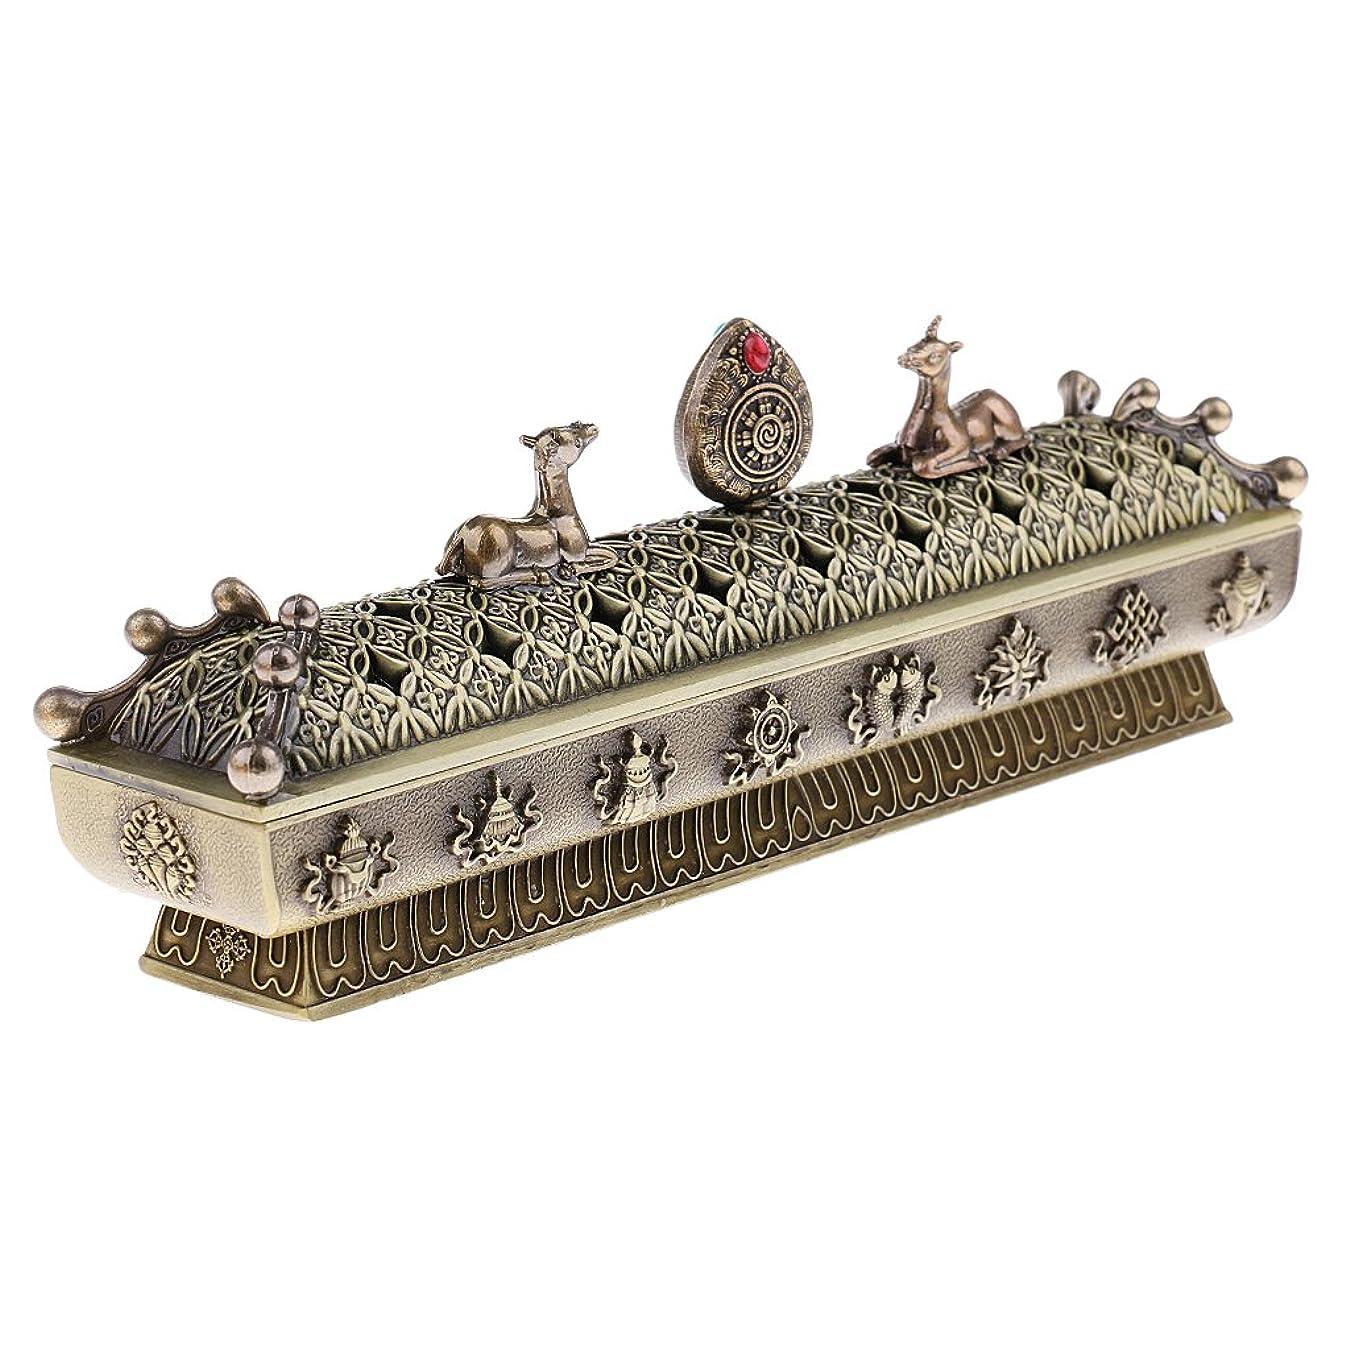 汚れた寝る鳩SONONIA 仏教 コーン 香りバーナー アッシュキャッチャー 香炉 全3色 - ブロンズ